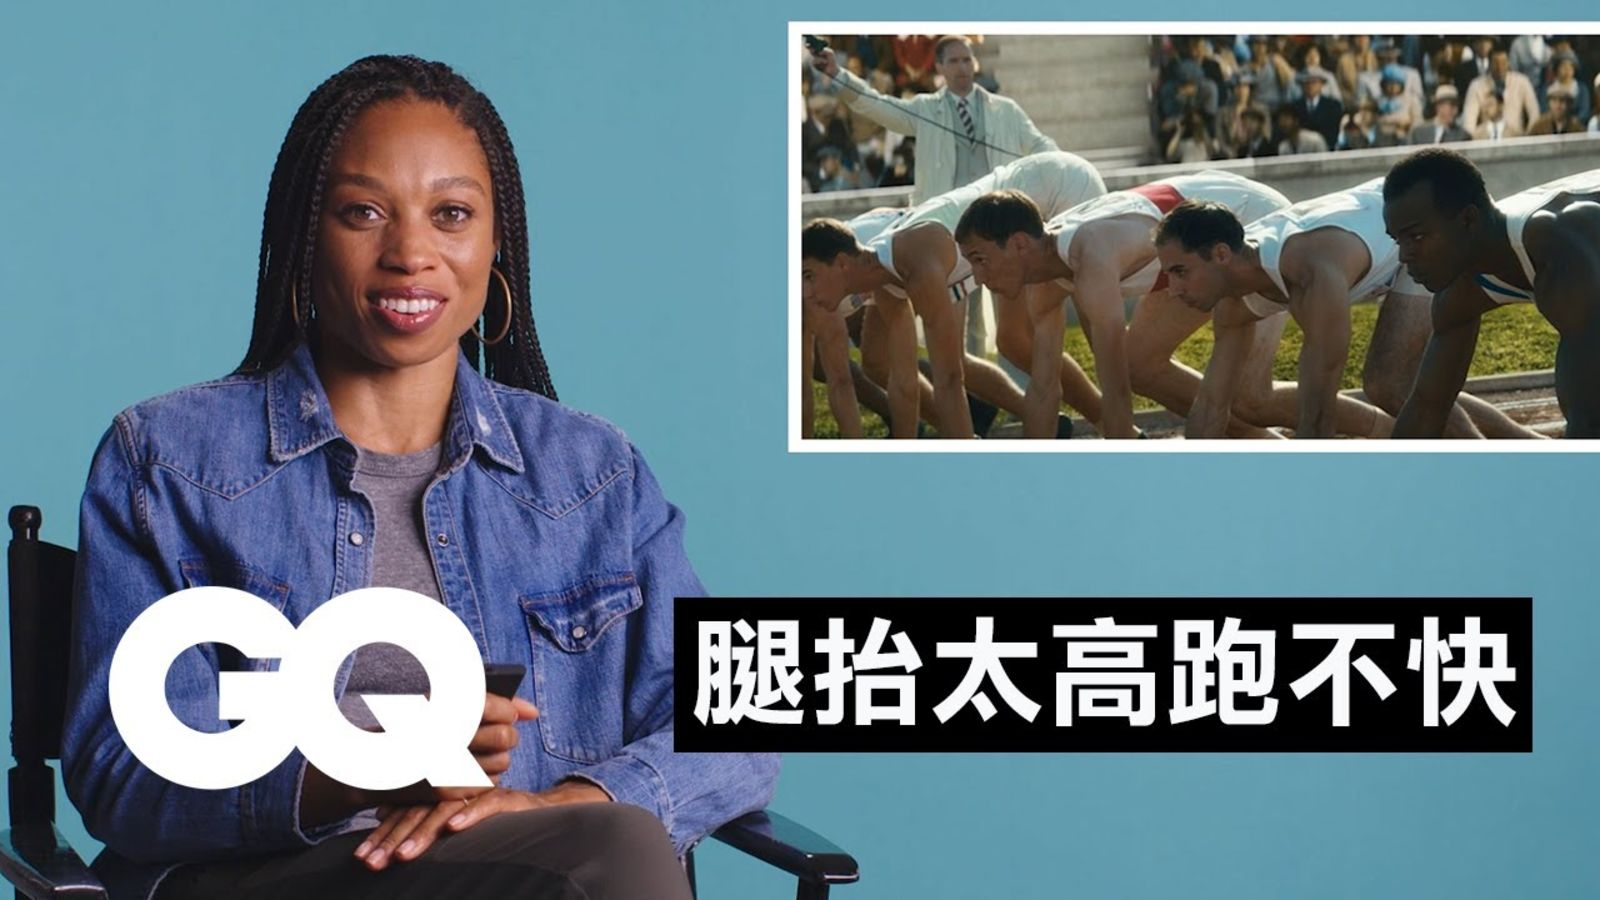 11面奧運獎牌刷新紀錄!短跑好手Allyson檢視阿湯哥跑步:「這個姿勢無法跑太遠」Allyson Felix Breaks Down Running Scenes|經典電影大解密|GQ Taiwan